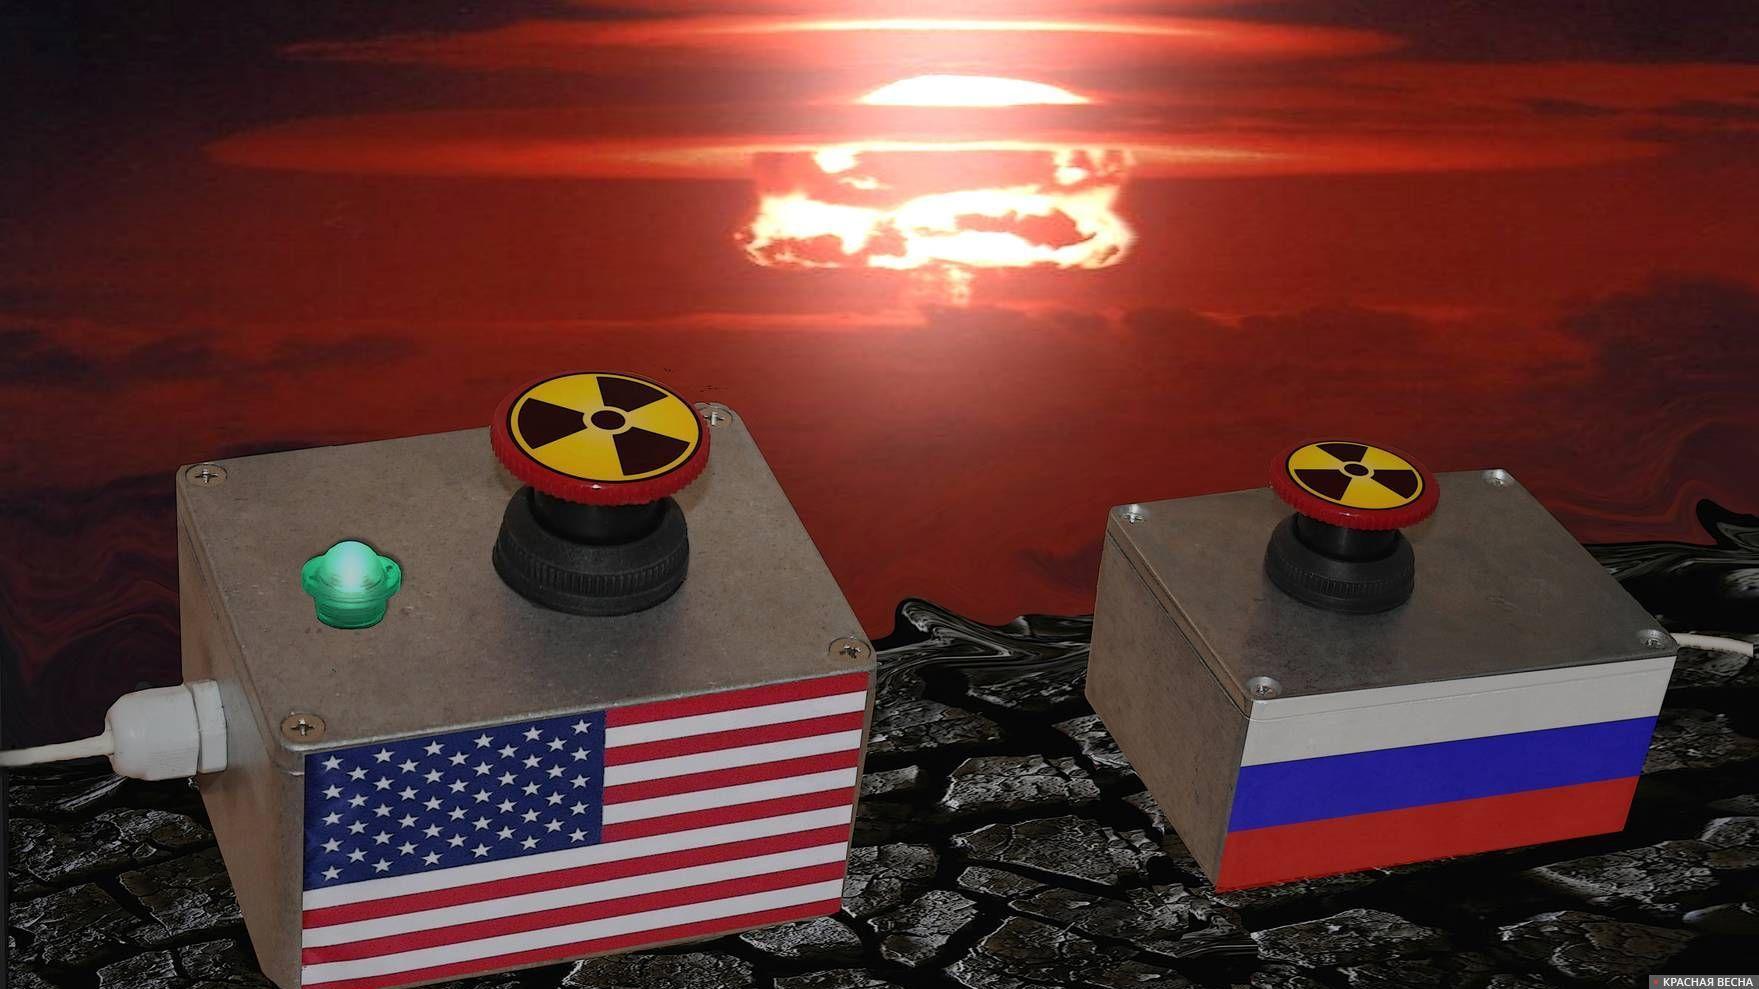 Атомная война. Ядерная кнопка США. Россия. РФ